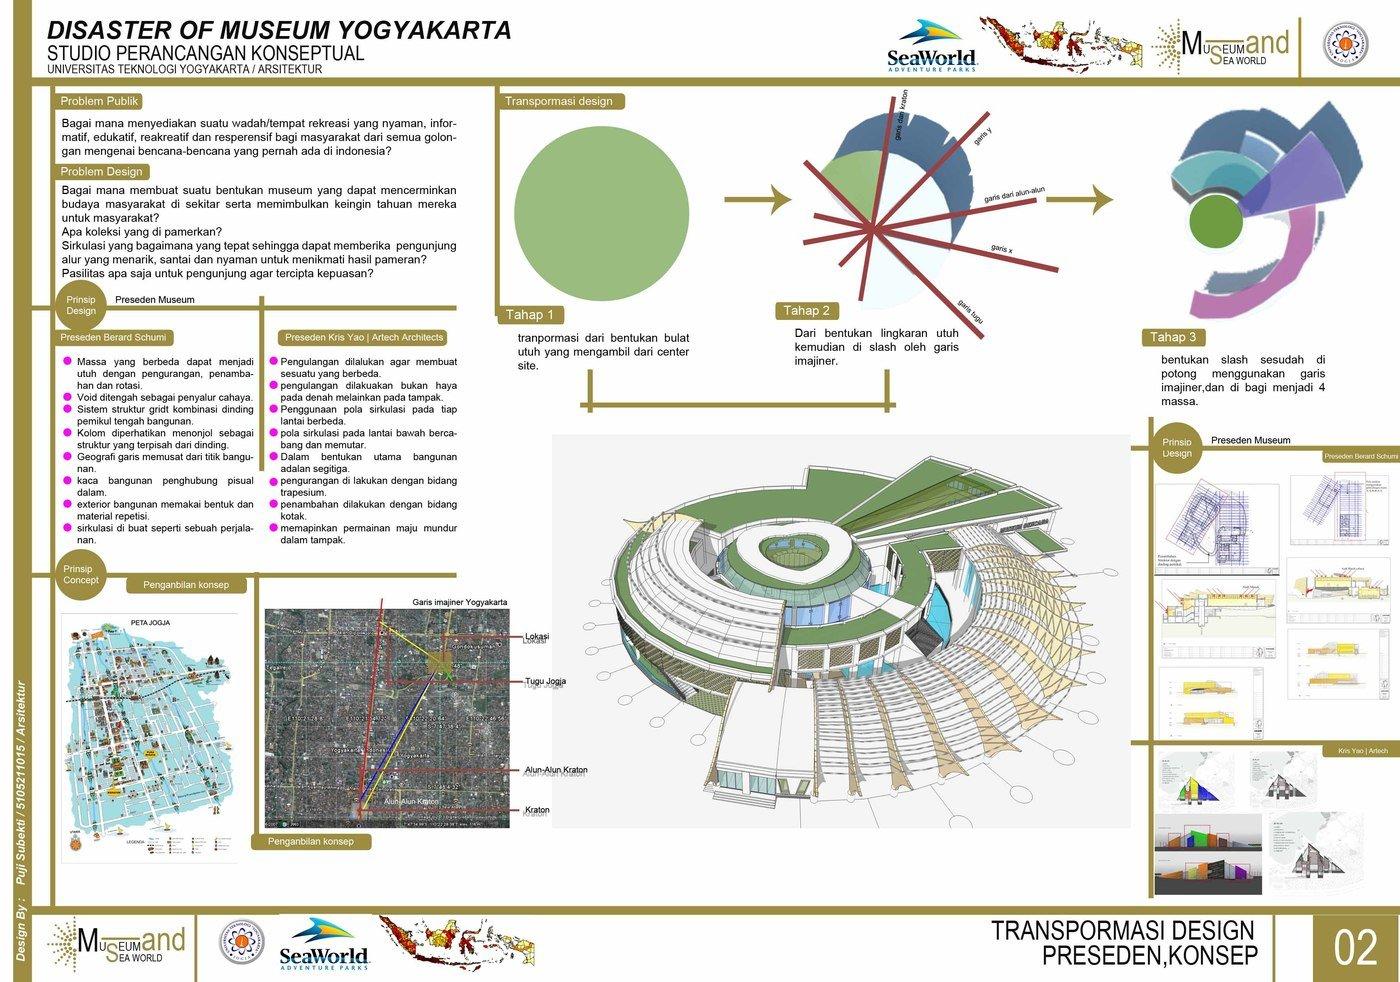 Studio perancangan arsitektur 6 by Puji Subekti at